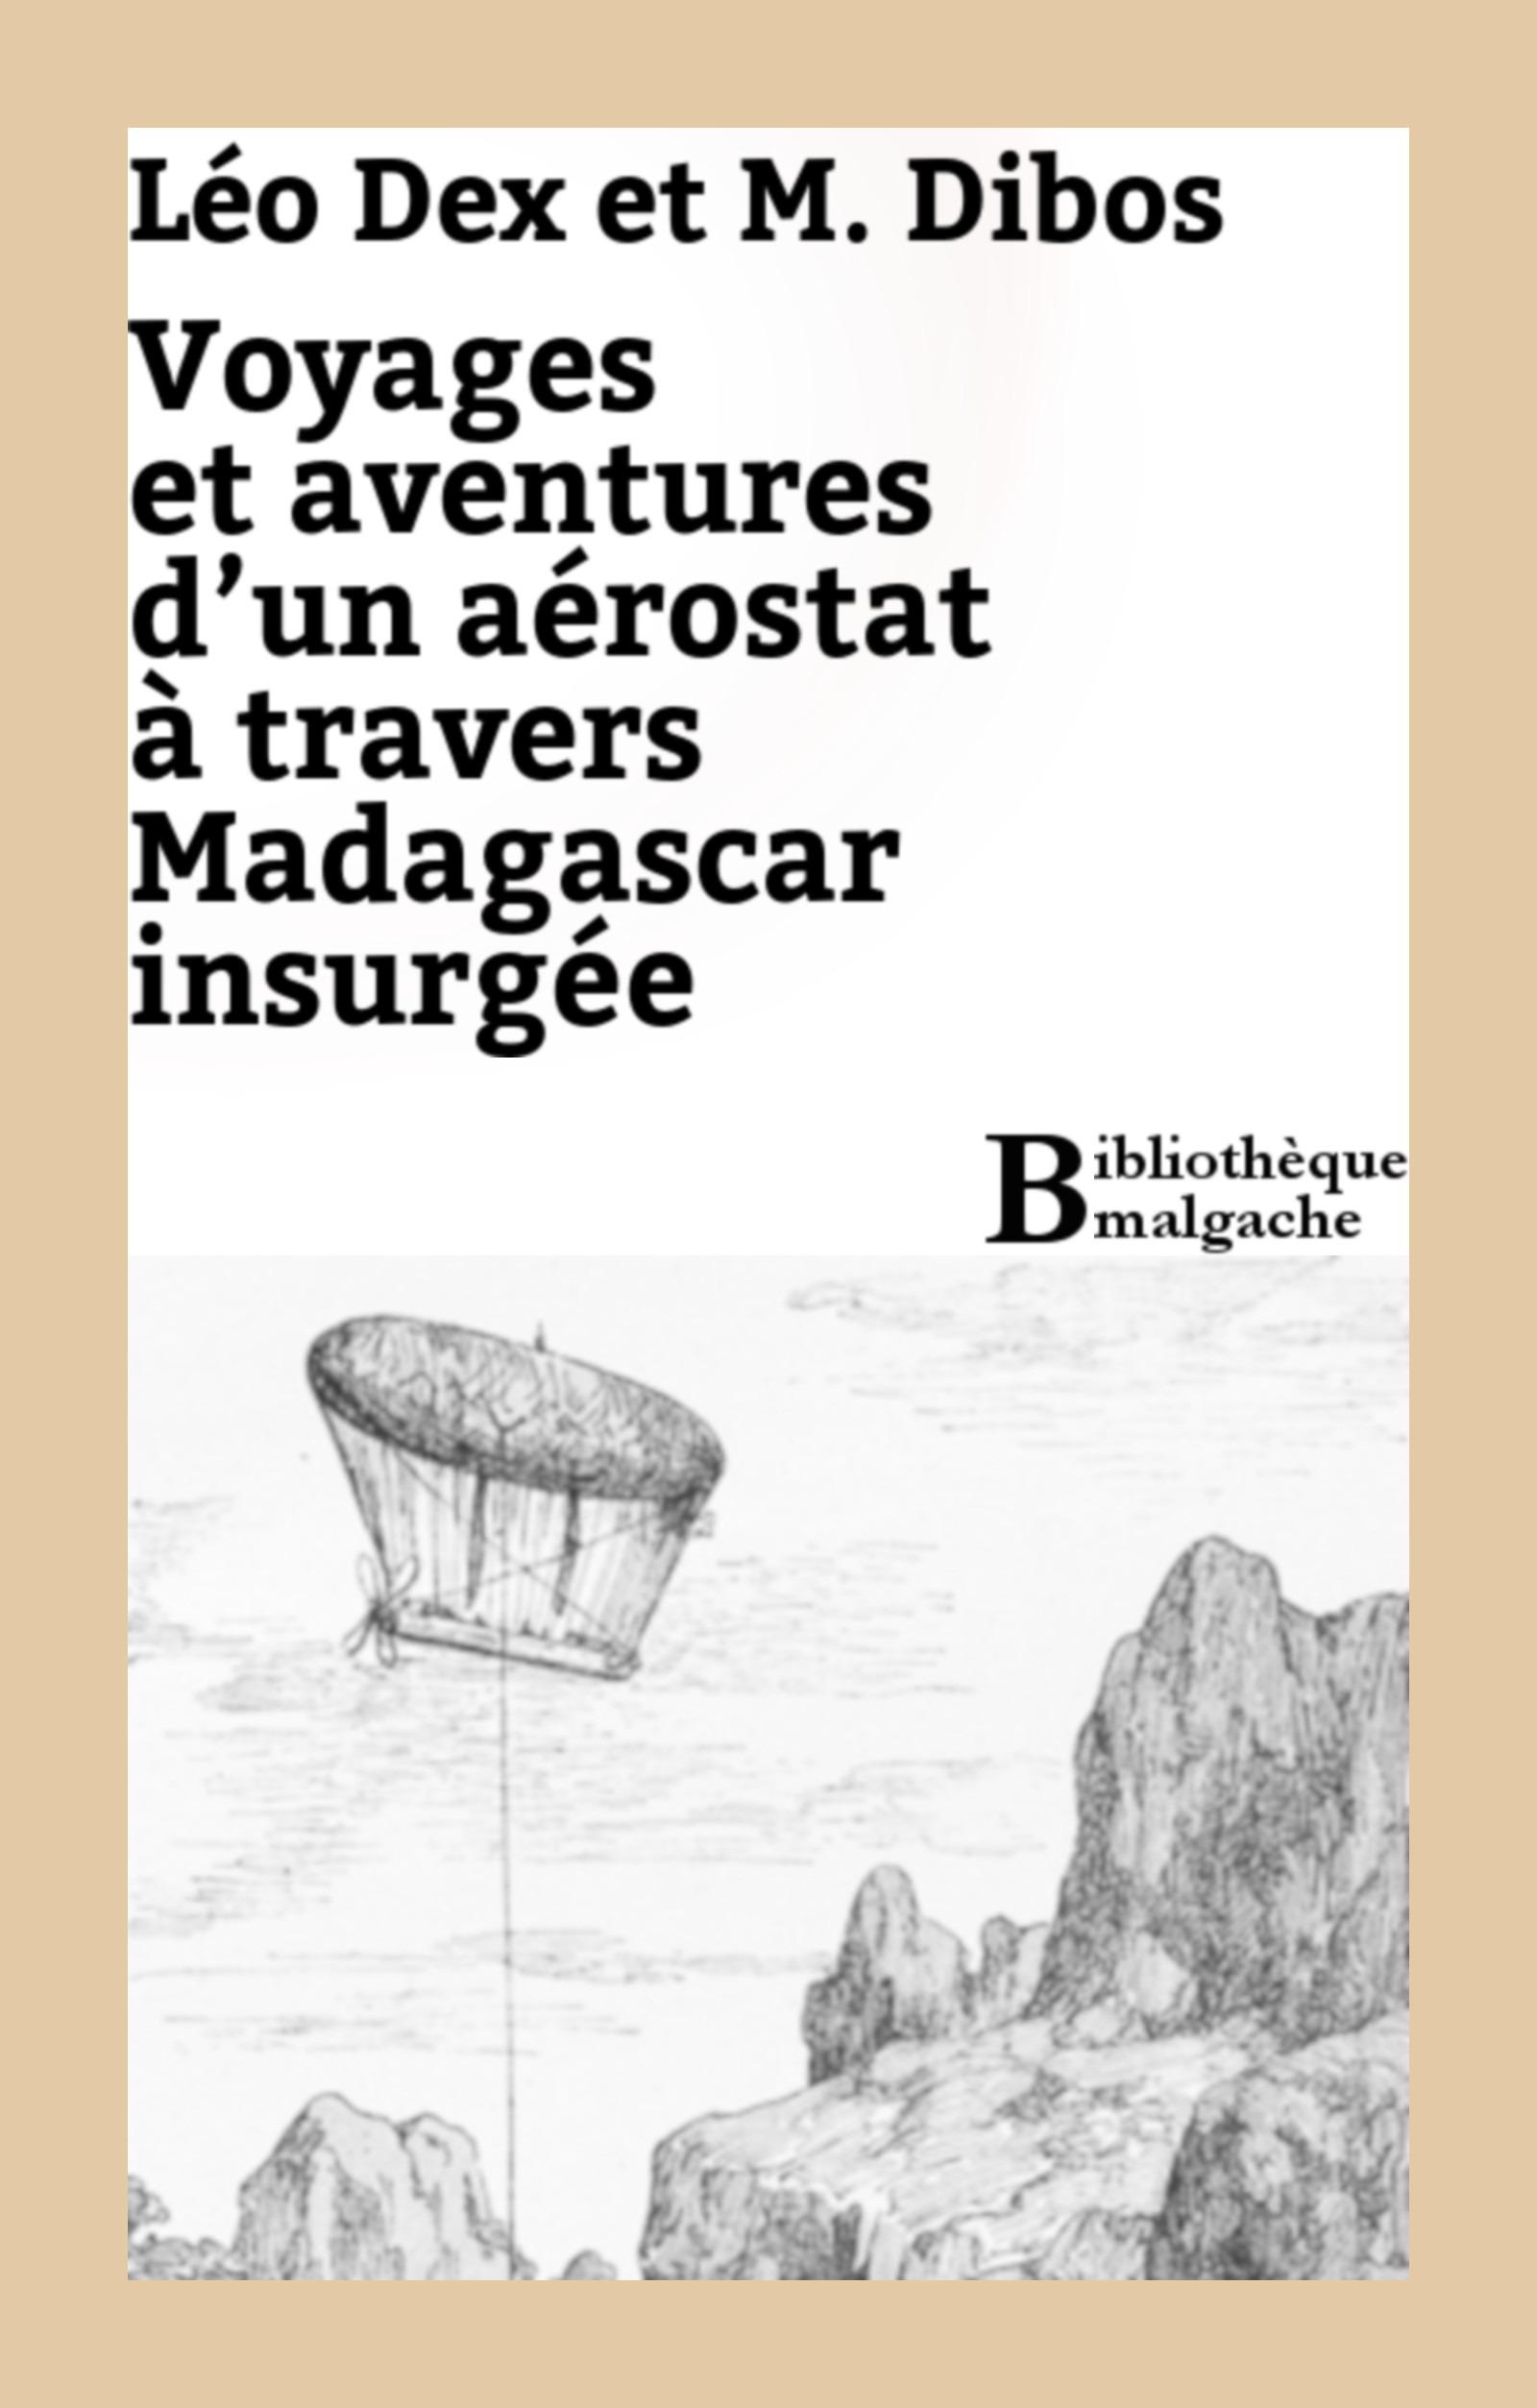 Voyage et aventures d'un aérostat à travers Madagascar insurgée